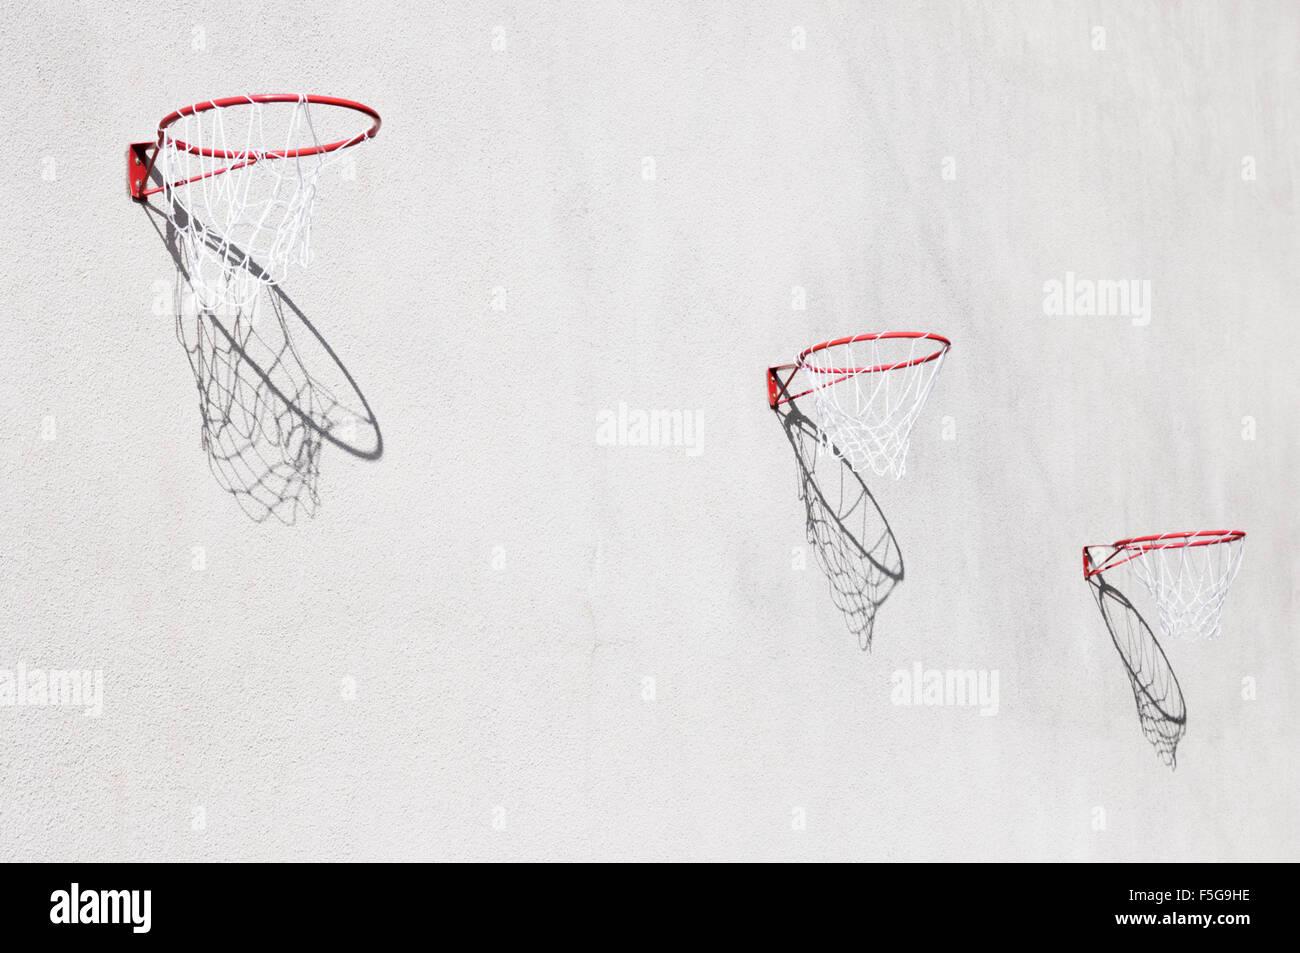 Tre netball cerchi con ombre su una parete Immagini Stock